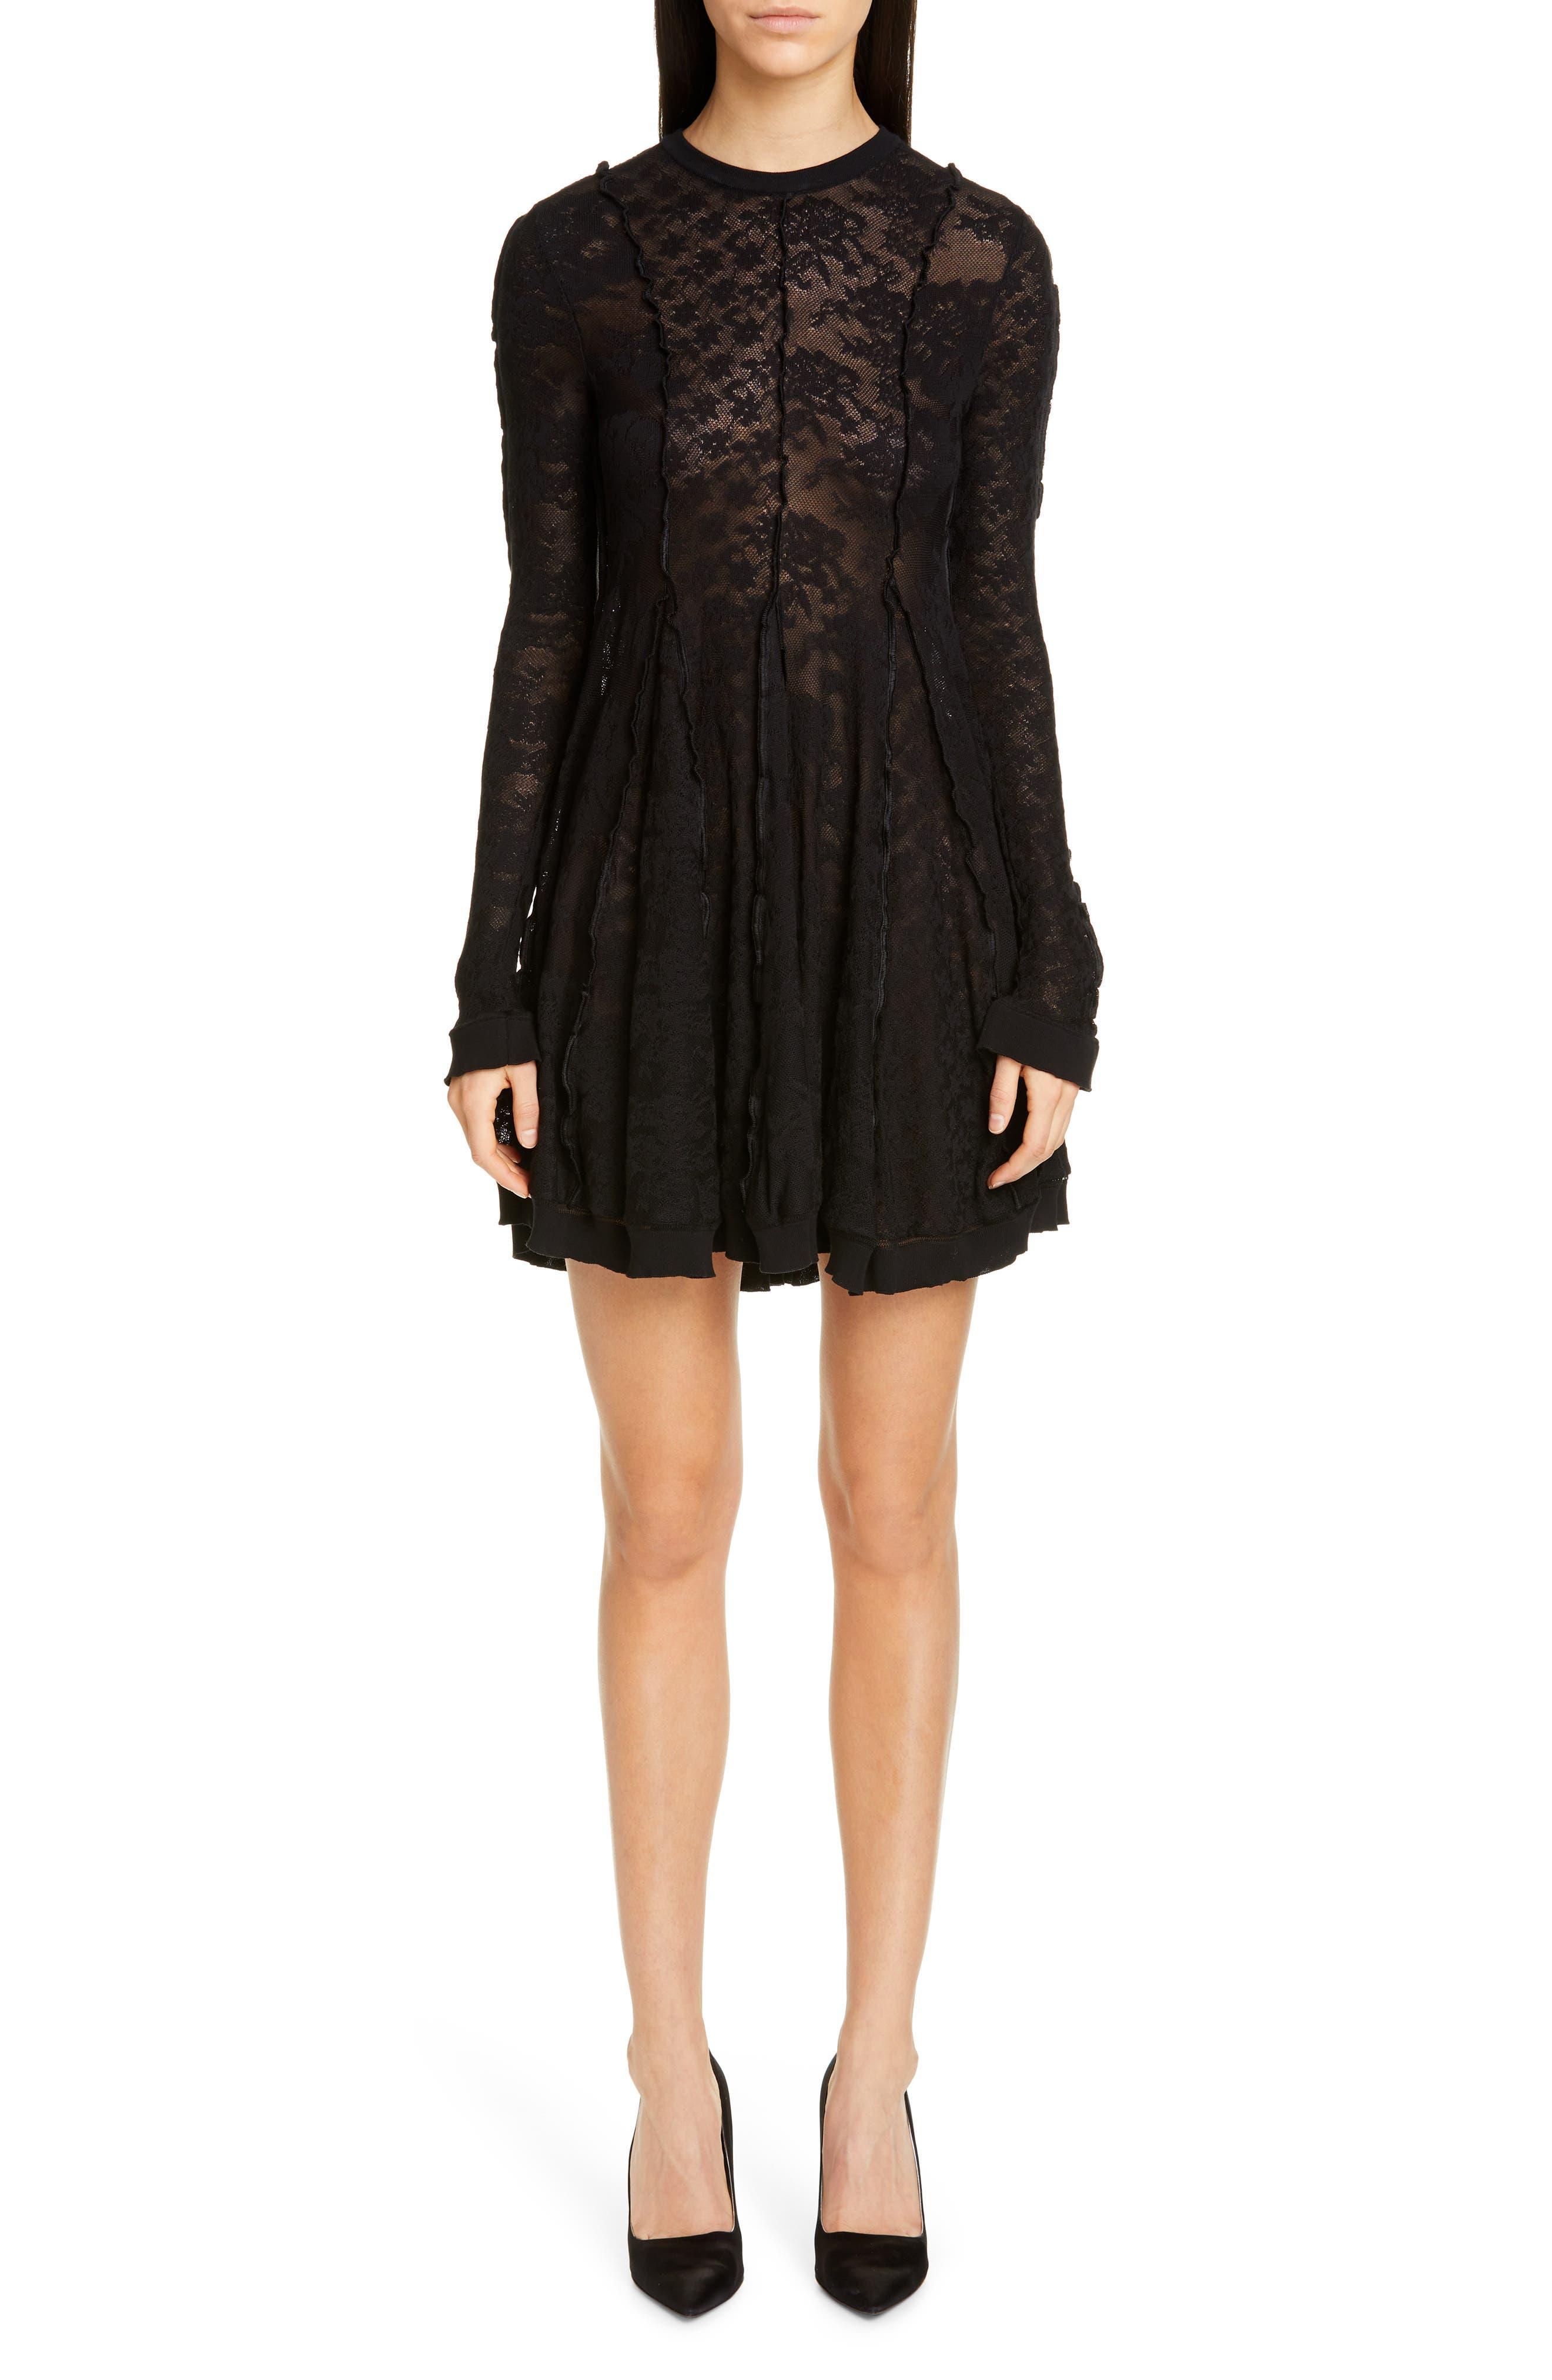 Stella Mccartney Long Sleeve Linear Lace Skater Dress, 4 IT - Black